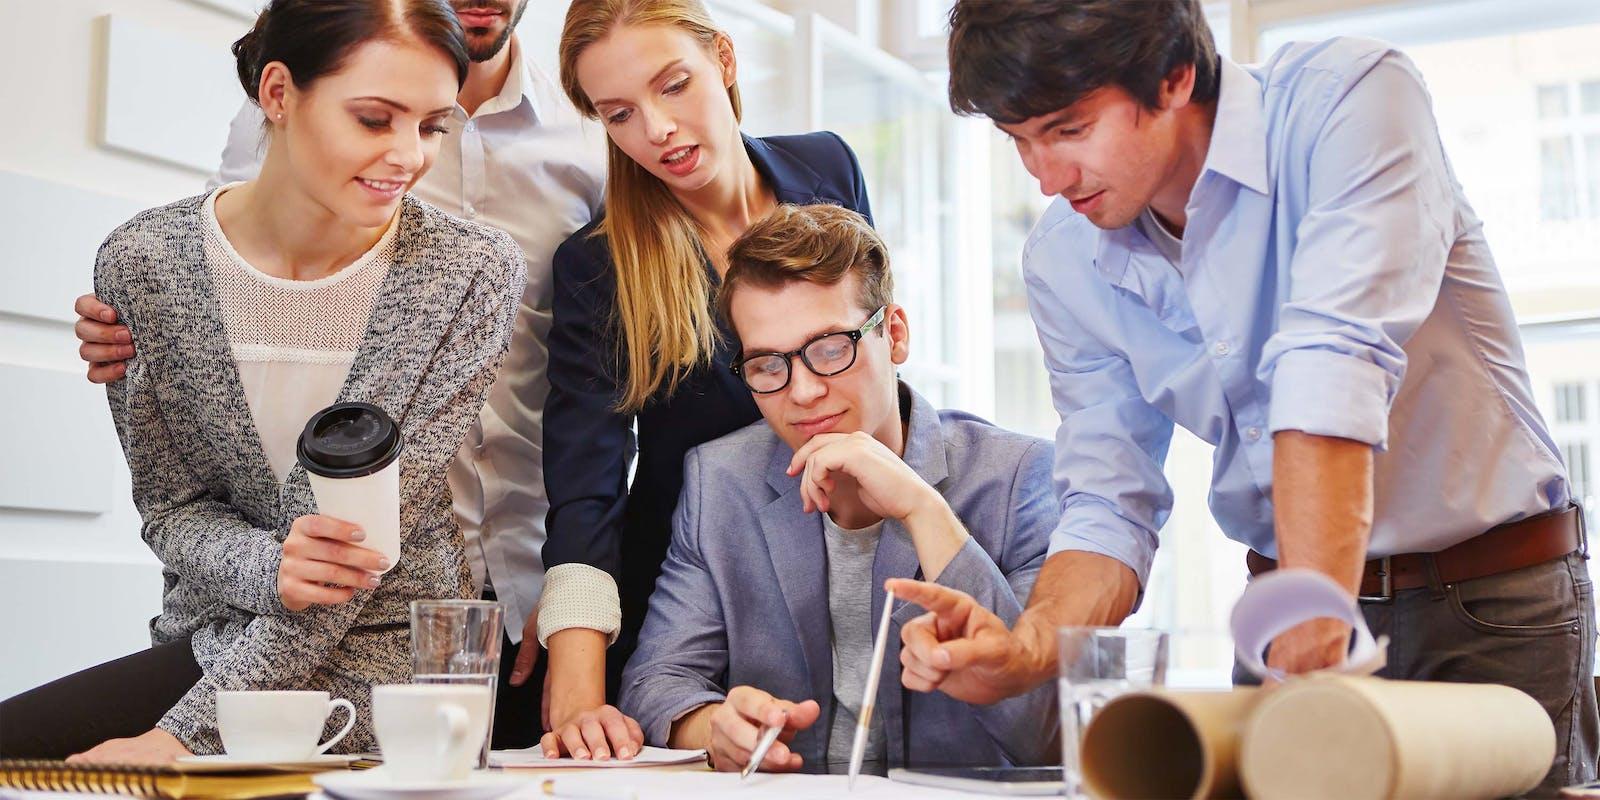 Soin énergétique Reïki et LaHoChi pour les entreprises. Lutter contre le stress au travail, améliorer les relations, lutter contre l absentéisme au travail.